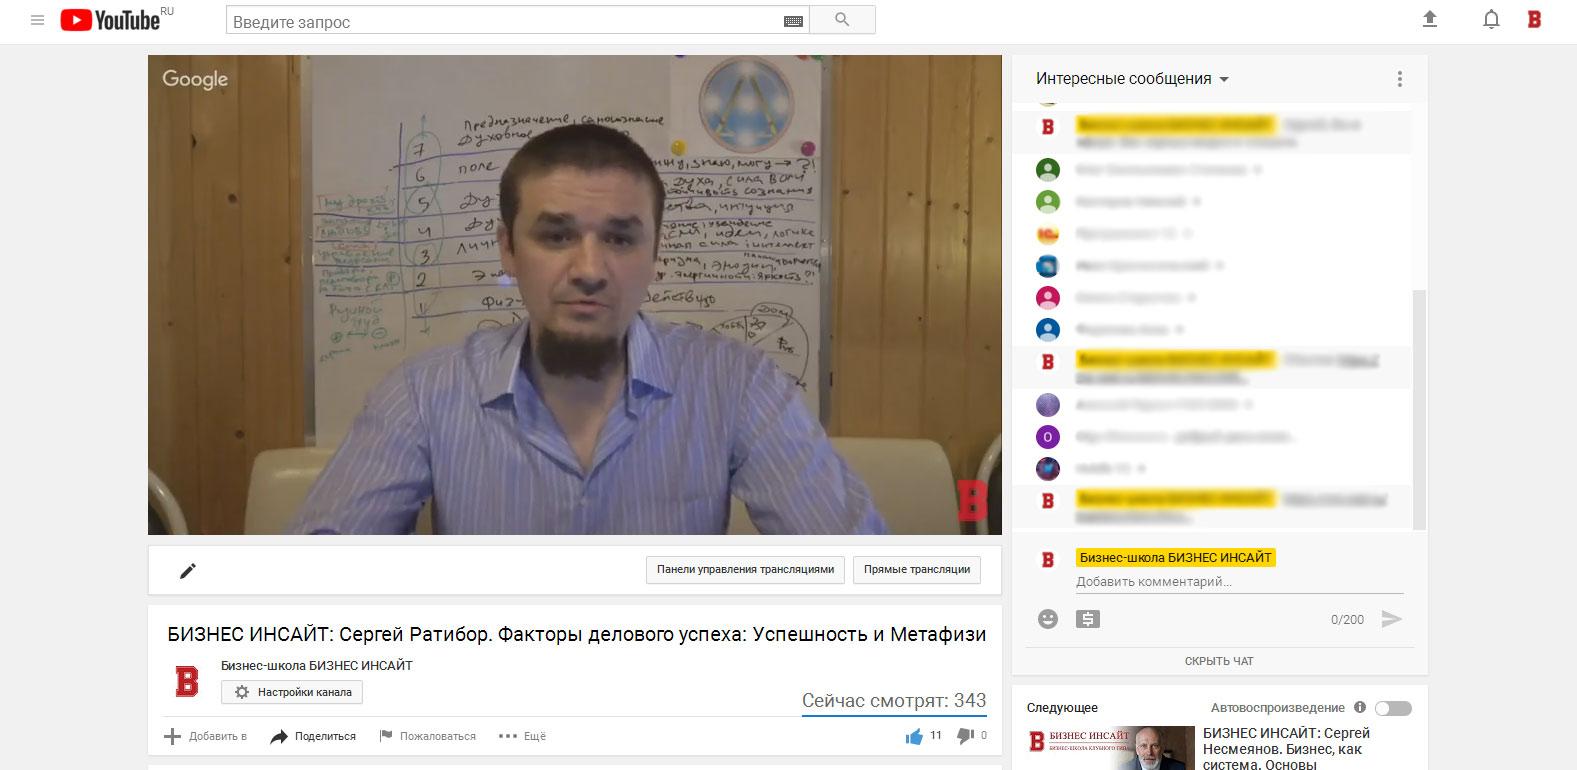 Сергей Ратибор провел открытый (бесплатный) вебинар на площадке БИЗНЕС ИНСАЙТ